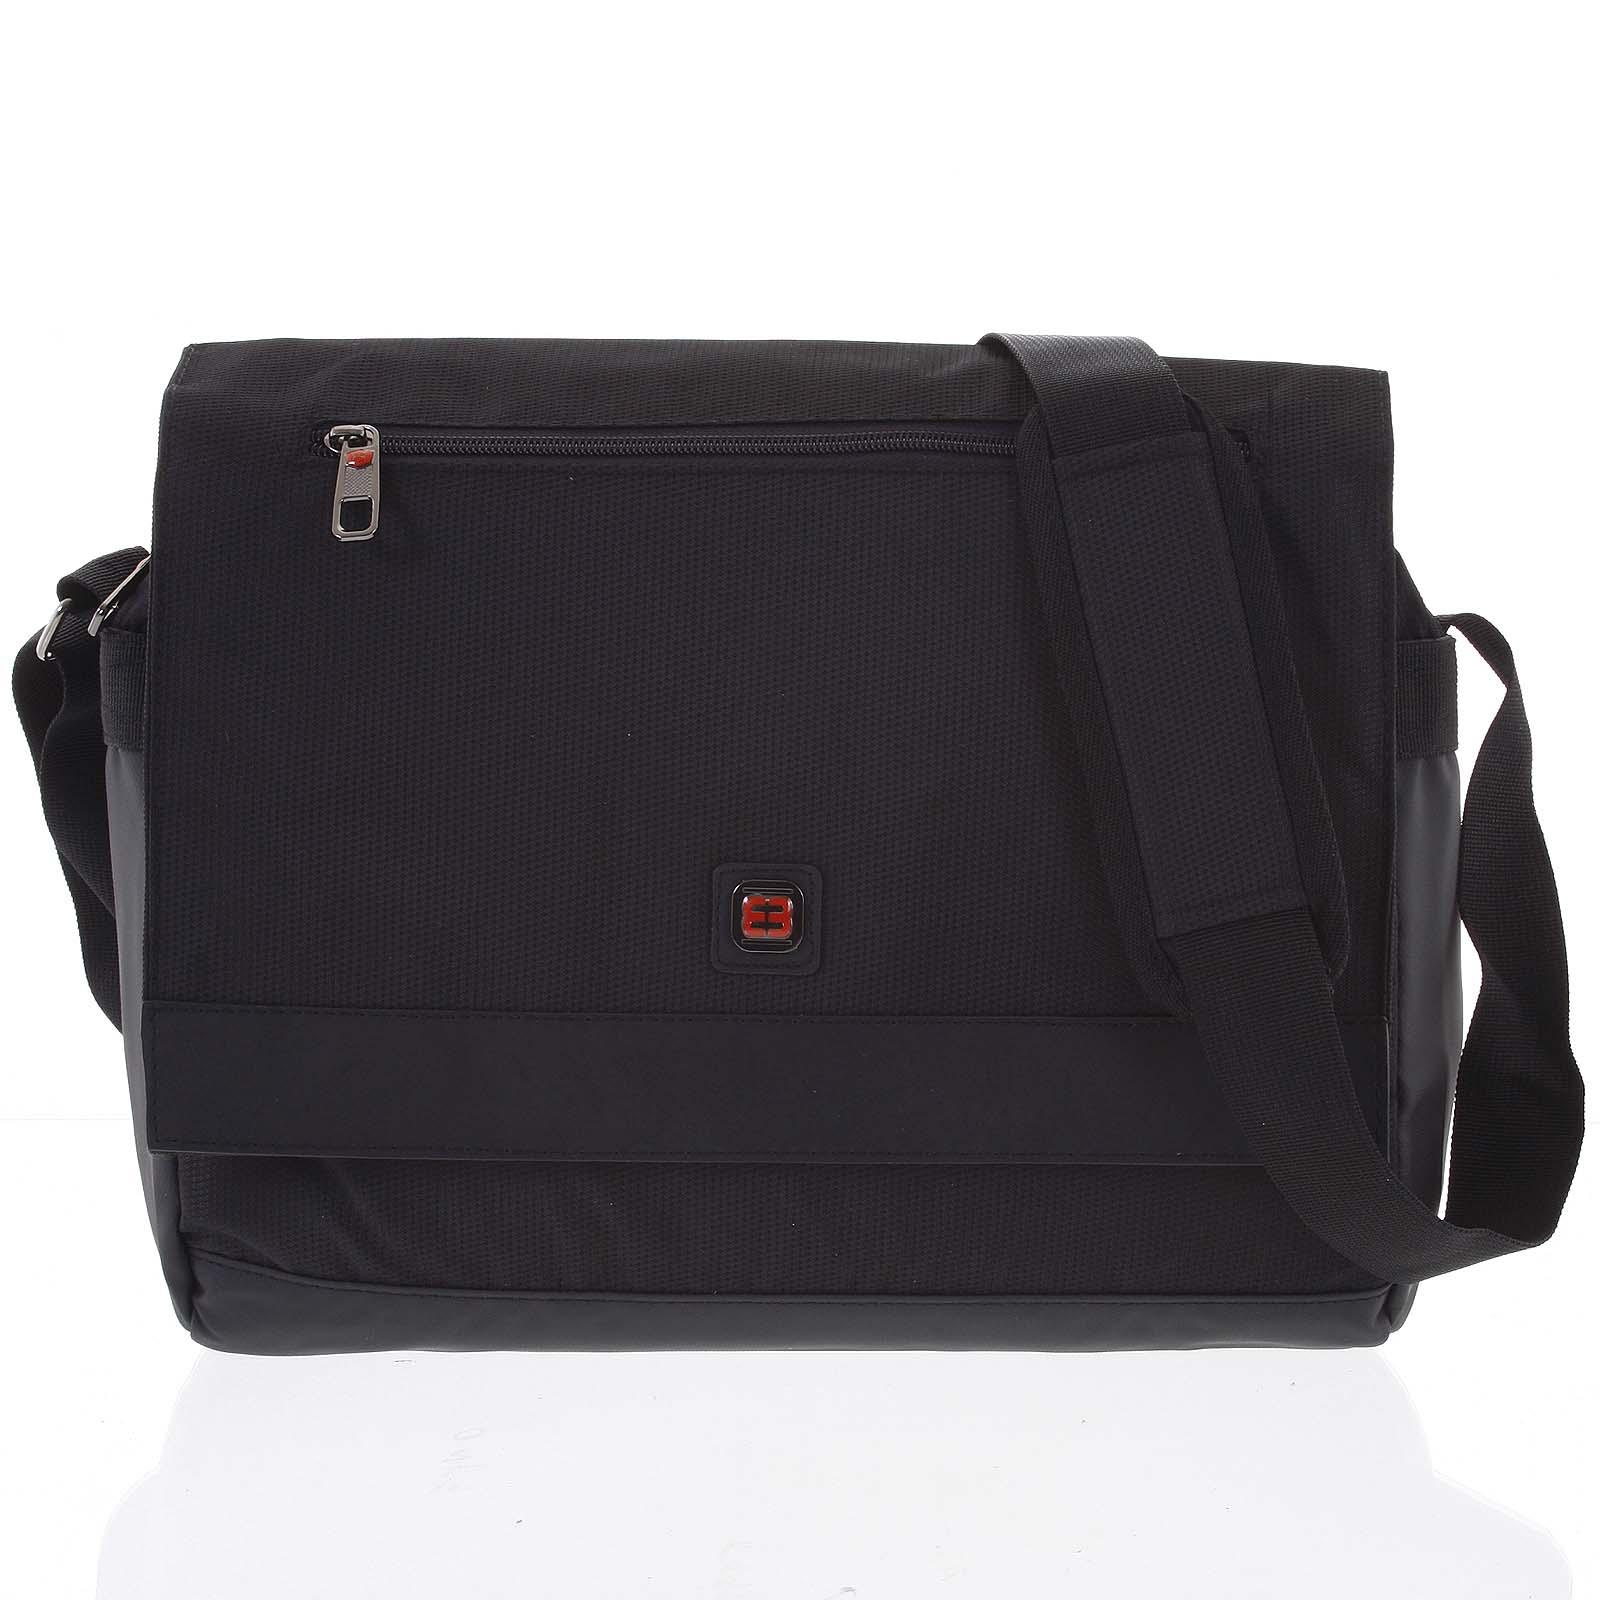 Čierna ľahká taška na notebook - Enrico Benetti Reza čierna